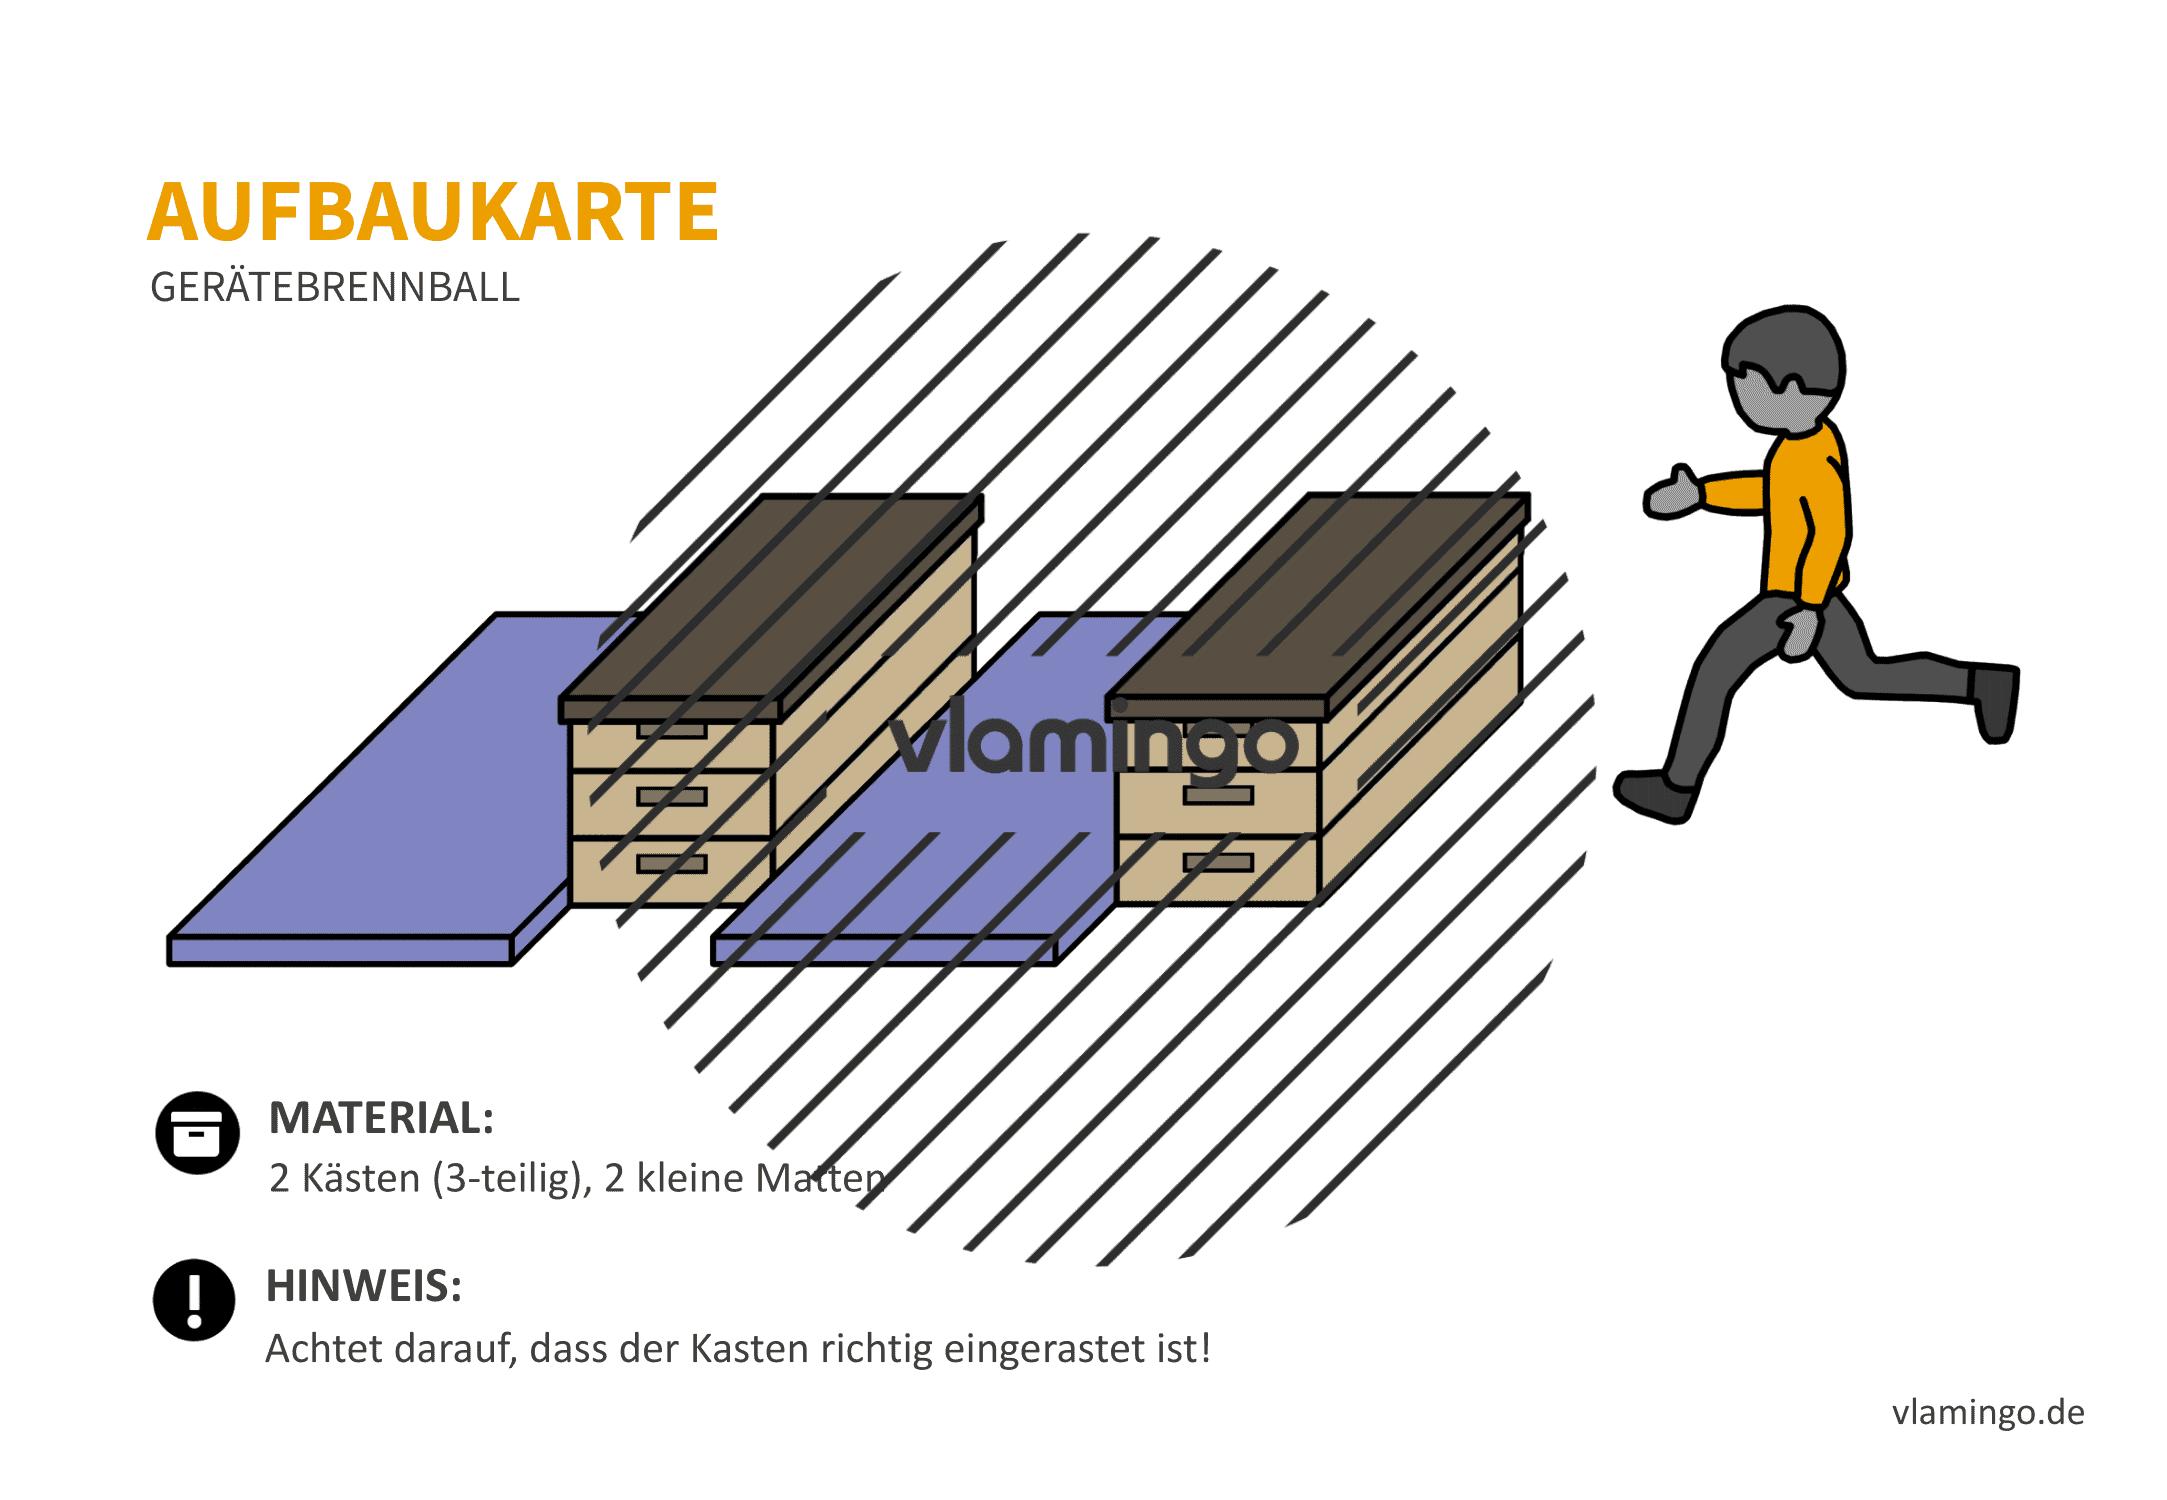 Gerätebrennball - Aufbaukarte 5